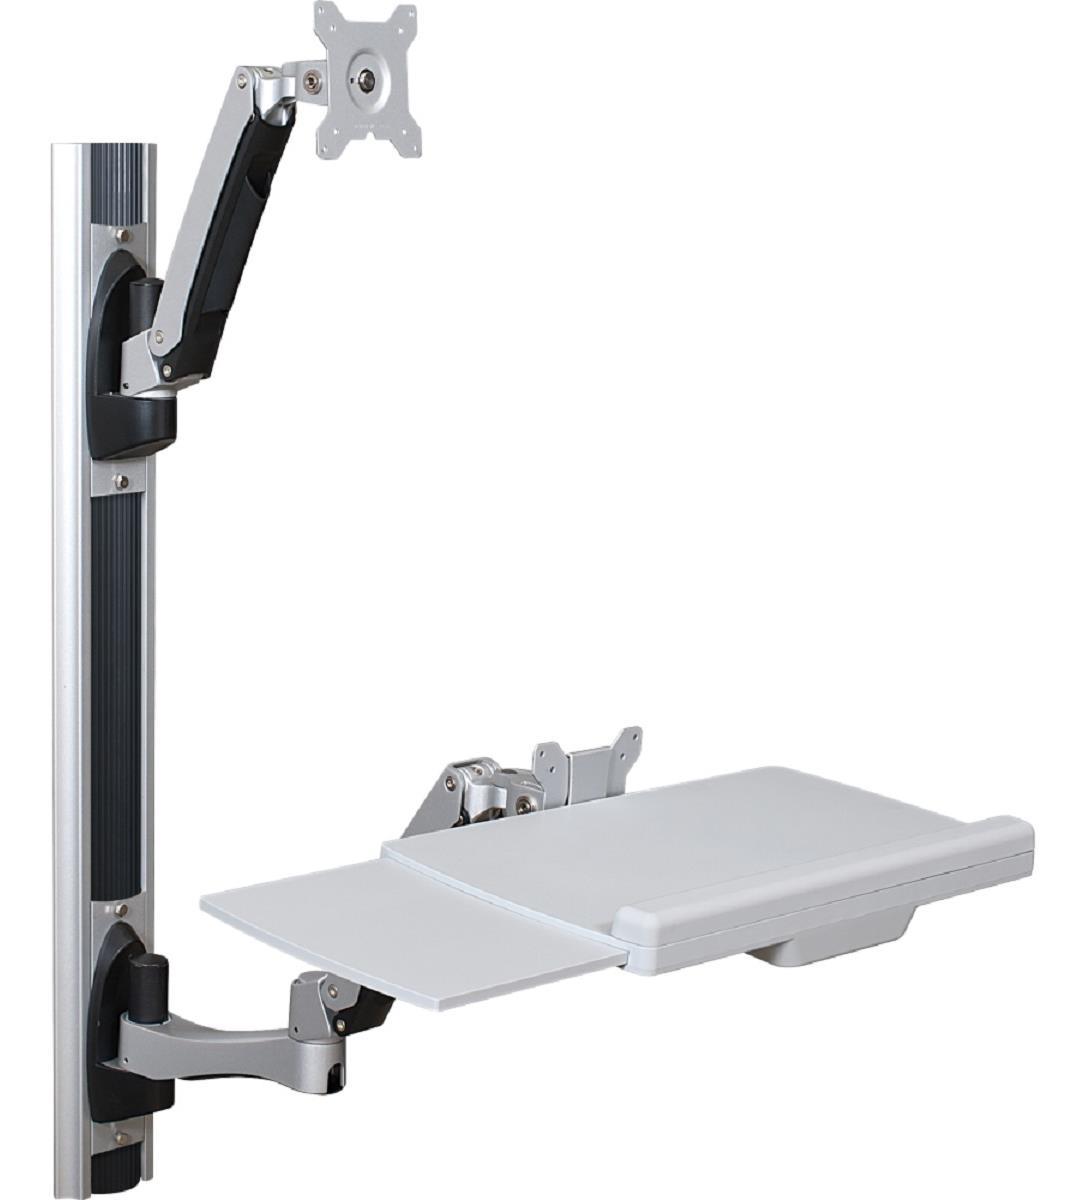 Wall Mounted Sit Stand Desk Single Monitor Bracket